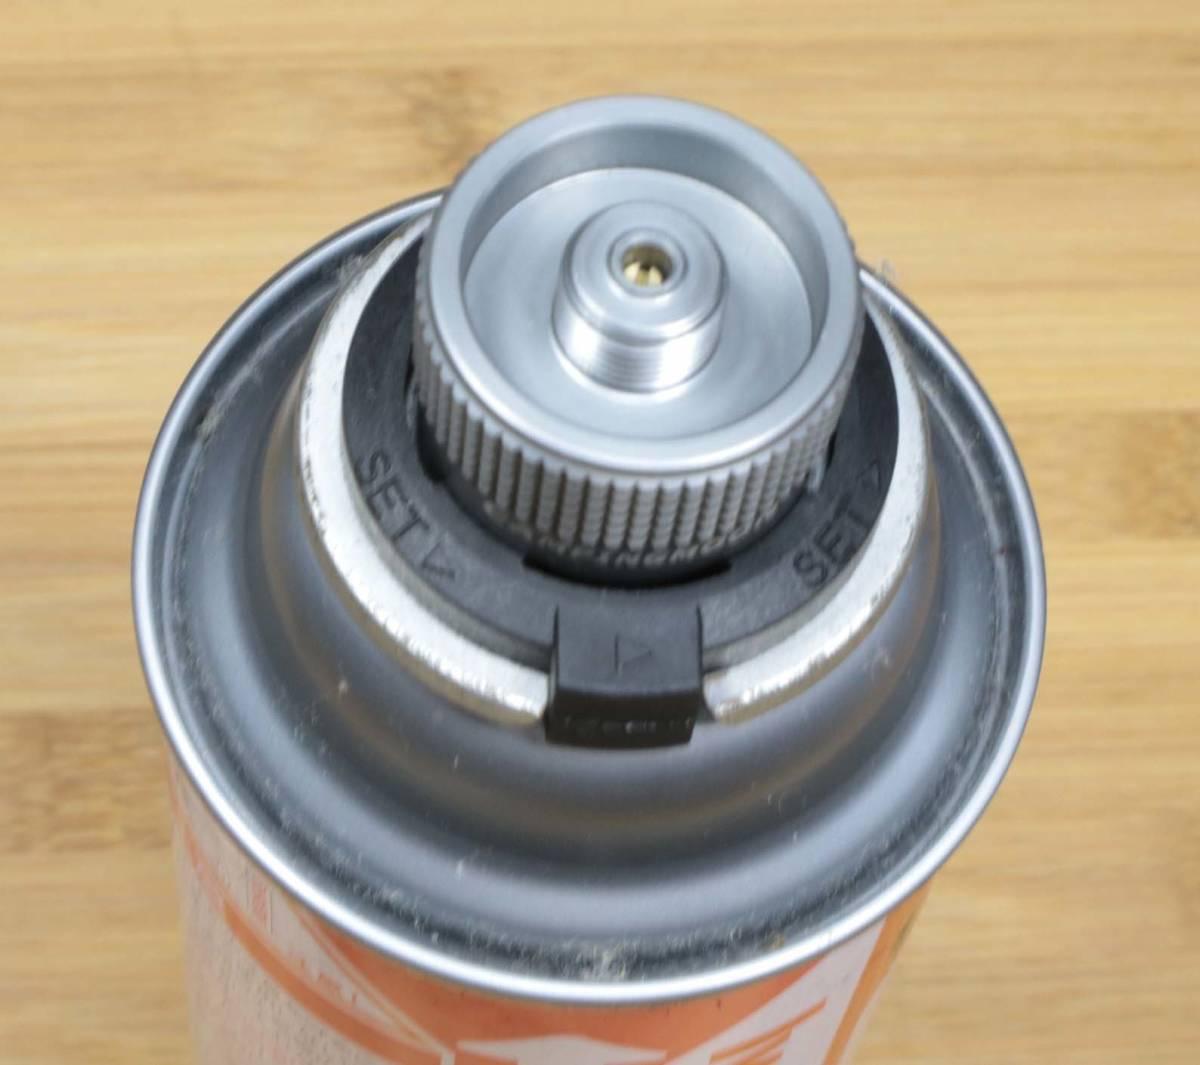 【キャンピングムーン】アメリカ仕様USNアダプター⇒OD缶用アダプタ 変換アダプタセット(Z11/Z20) ※取扱注意